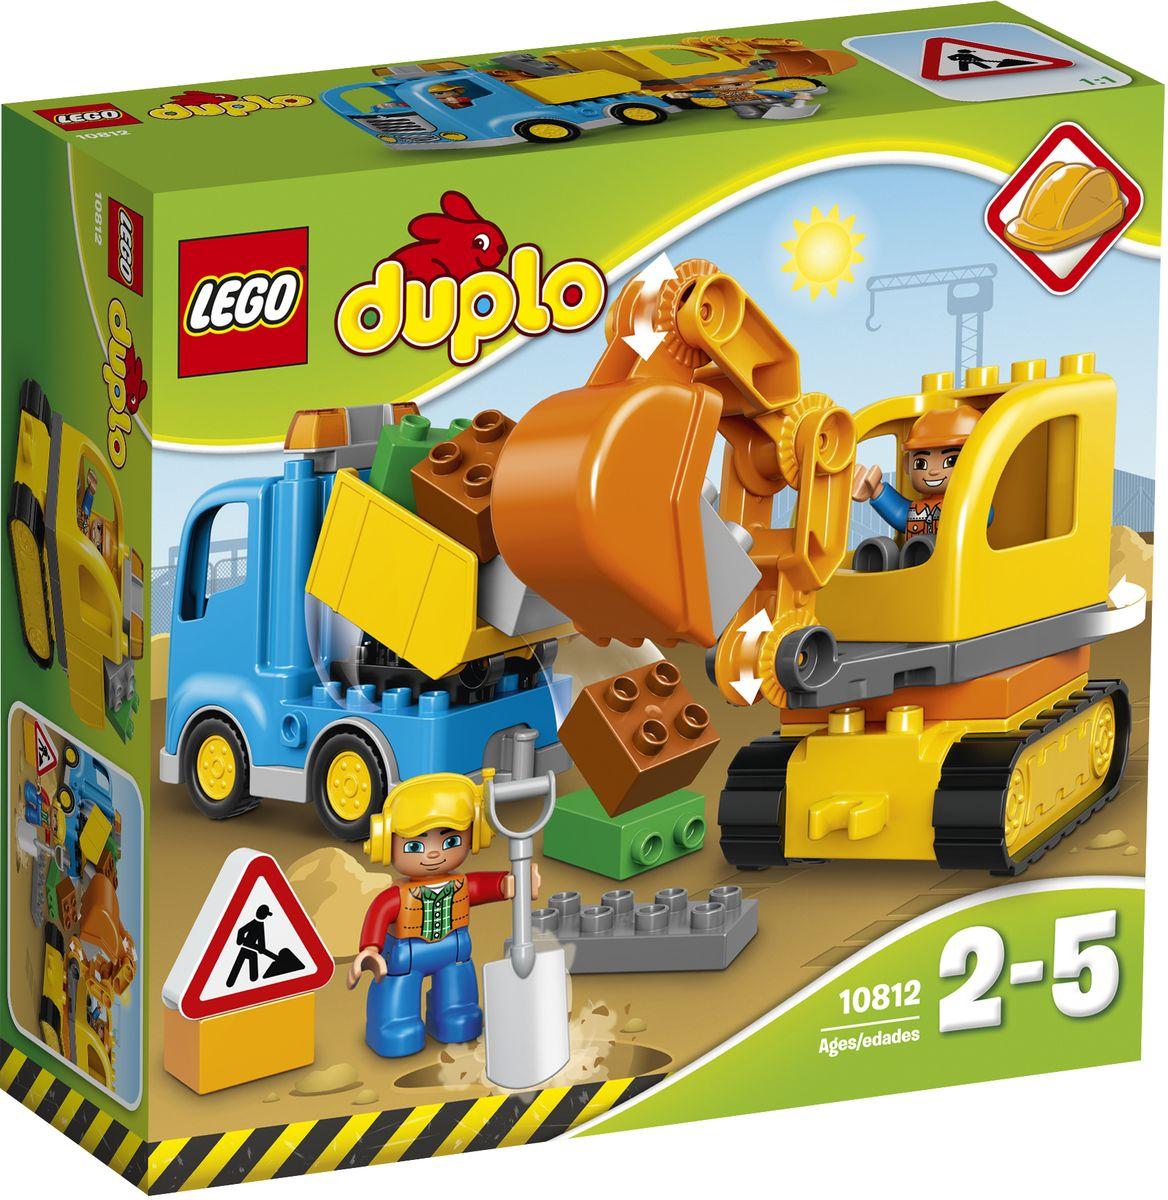 LEGO DUPLO Конструктор Грузовик и гусеничный экскаватор 1081210812Маленьким землекопам понравится играть с этими простыми в сборке строительными машинами. Передвигайте гусеничный экскаватор по неровной поверхности и копайте большим ковшом. Снимите ковш, чтобы сделать его короче, а затем используйте специальную функцию грузовика-самосвала и вывезите мусор на свалку! Кубики LEGO DUPLO разработаны с учетом требований к обеспечению безопасности детей. В набор входит 2 фигурки строительных рабочих. Конструктор LEGO DUPLO. Грузовик и гусеничный экскаватор включает в себя 28 разноцветных пластиковых элементов. Конструктор - это один из самых увлекательных и веселых способов времяпрепровождения. Ребенок сможет часами играть с конструктором, придумывая различные ситуации и истории.